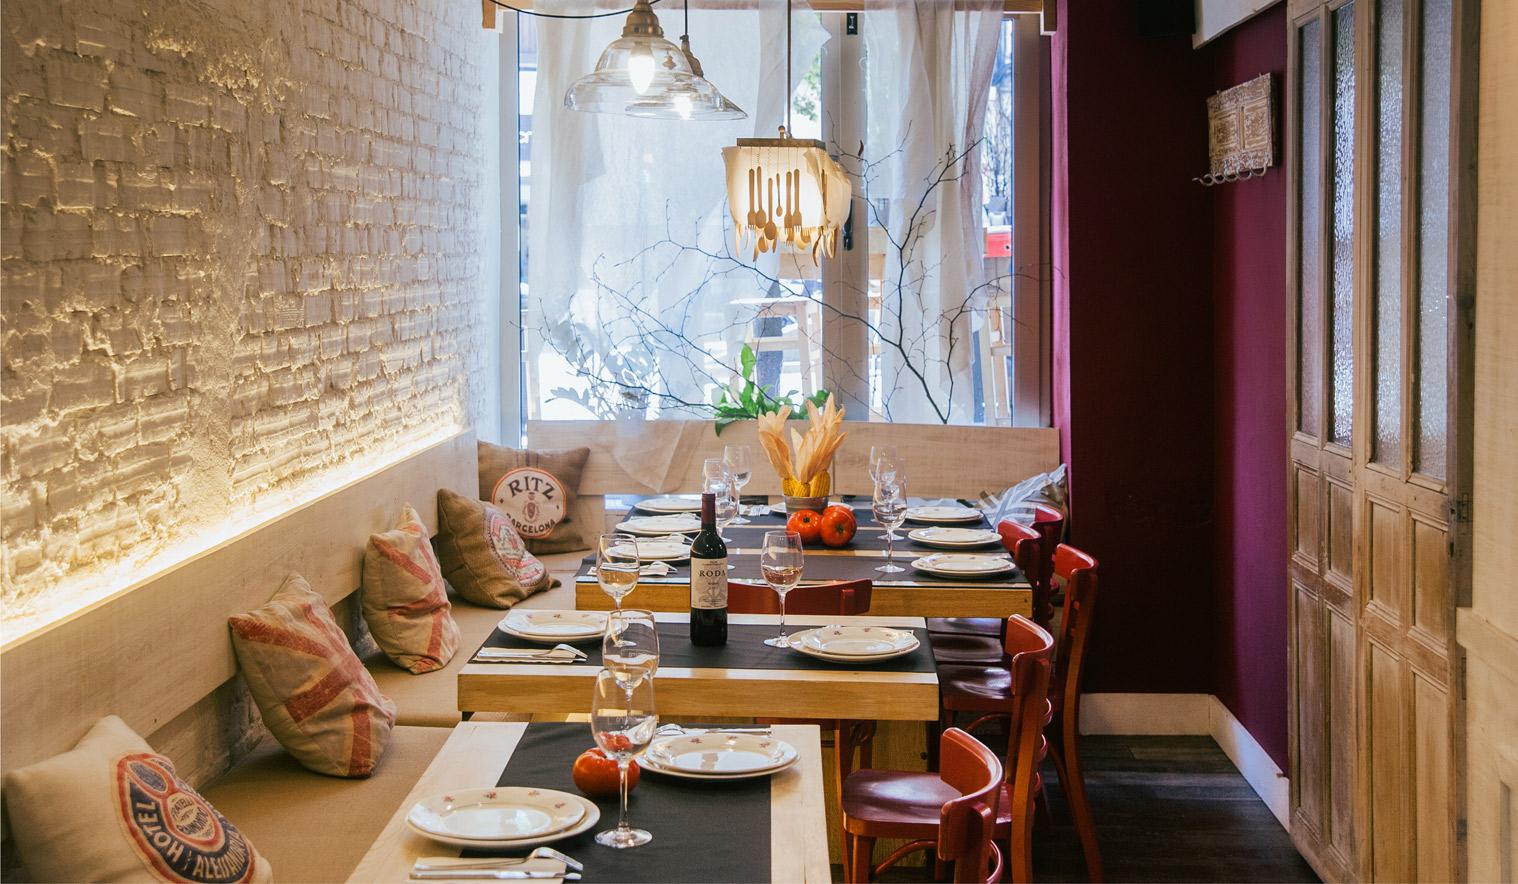 39 bueno bonito y barato 39 20 restaurantes ideales en for Apartamentos baratos en sevilla por dias